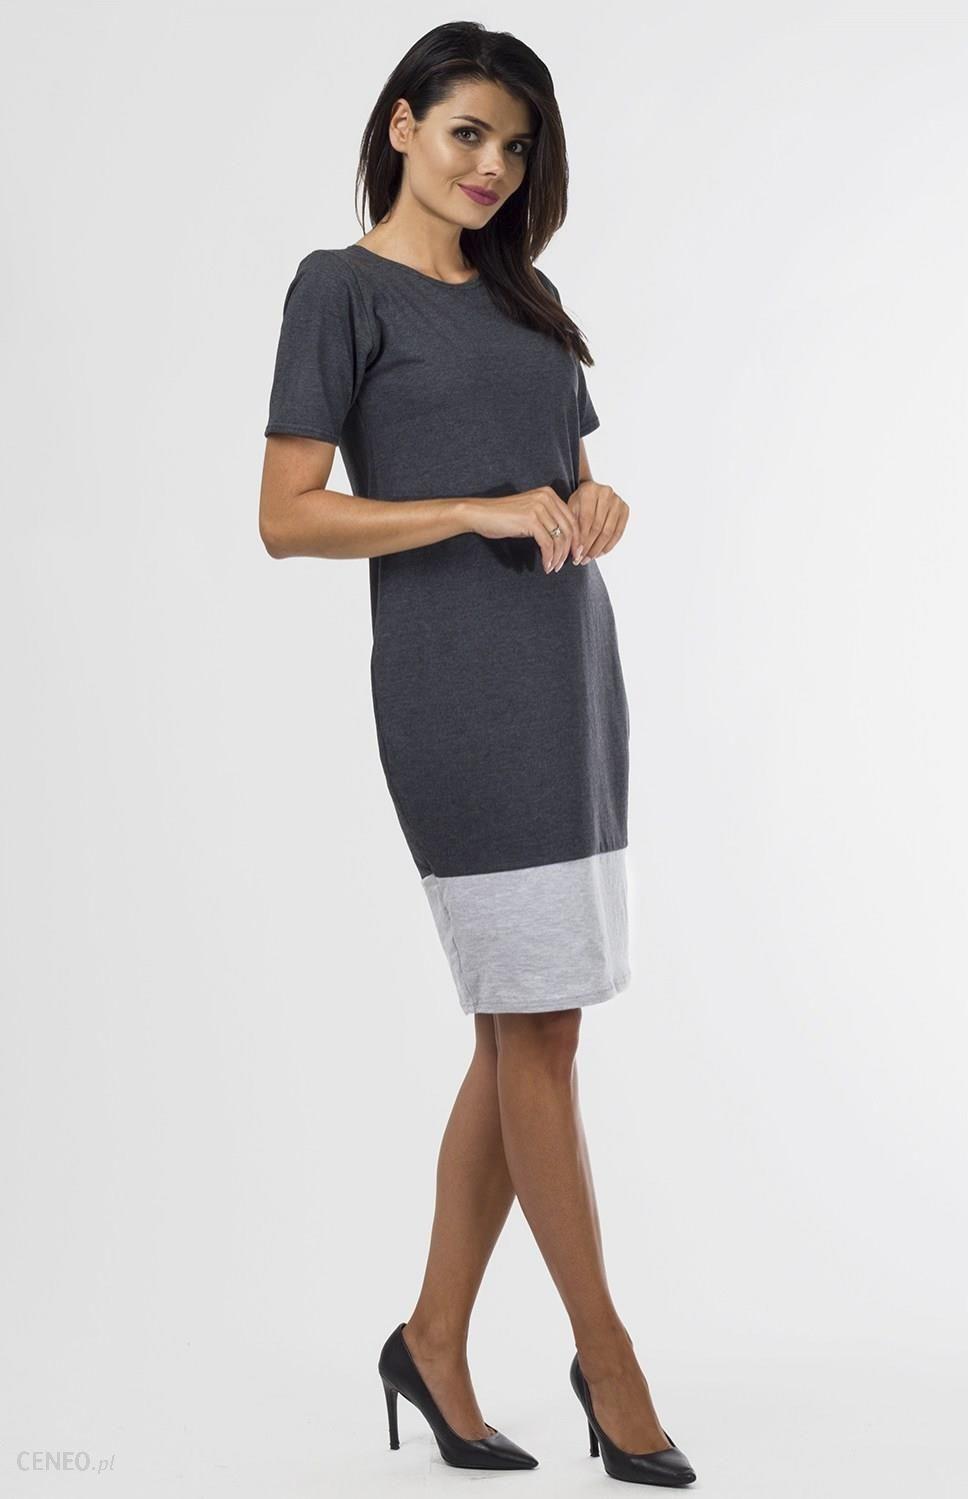 524460dfa4 Sukienka dzianinowa B-033 Graphit Gray Melange - Ceny i opinie ...